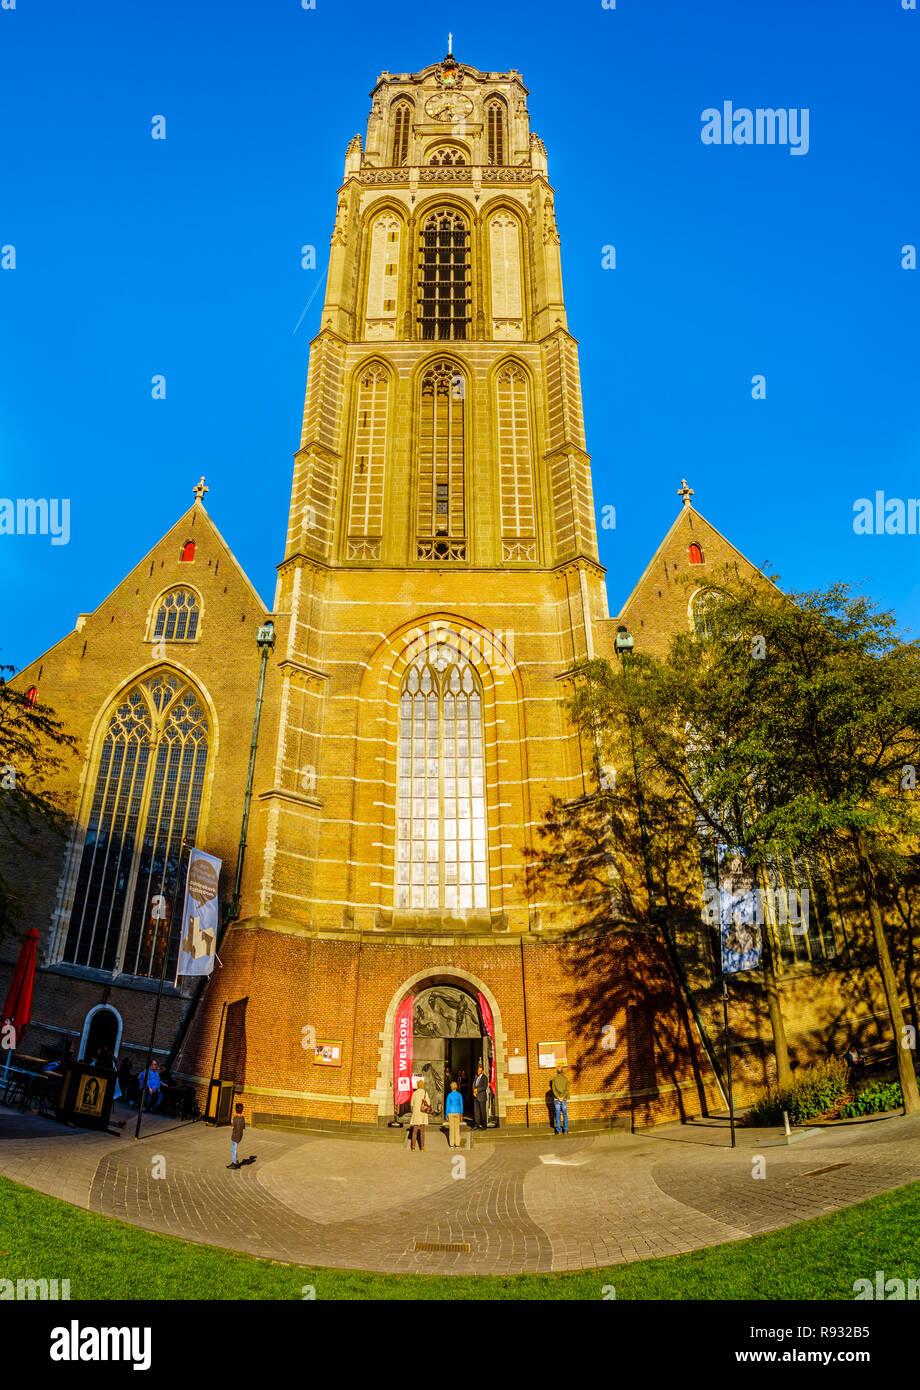 La torre medieval de la iglesia de Saint Laurens en el centro del famoso puerto de Rotterdam, cerca de la plaza del Ayuntamiento de mercado en los Países Bajos Foto de stock